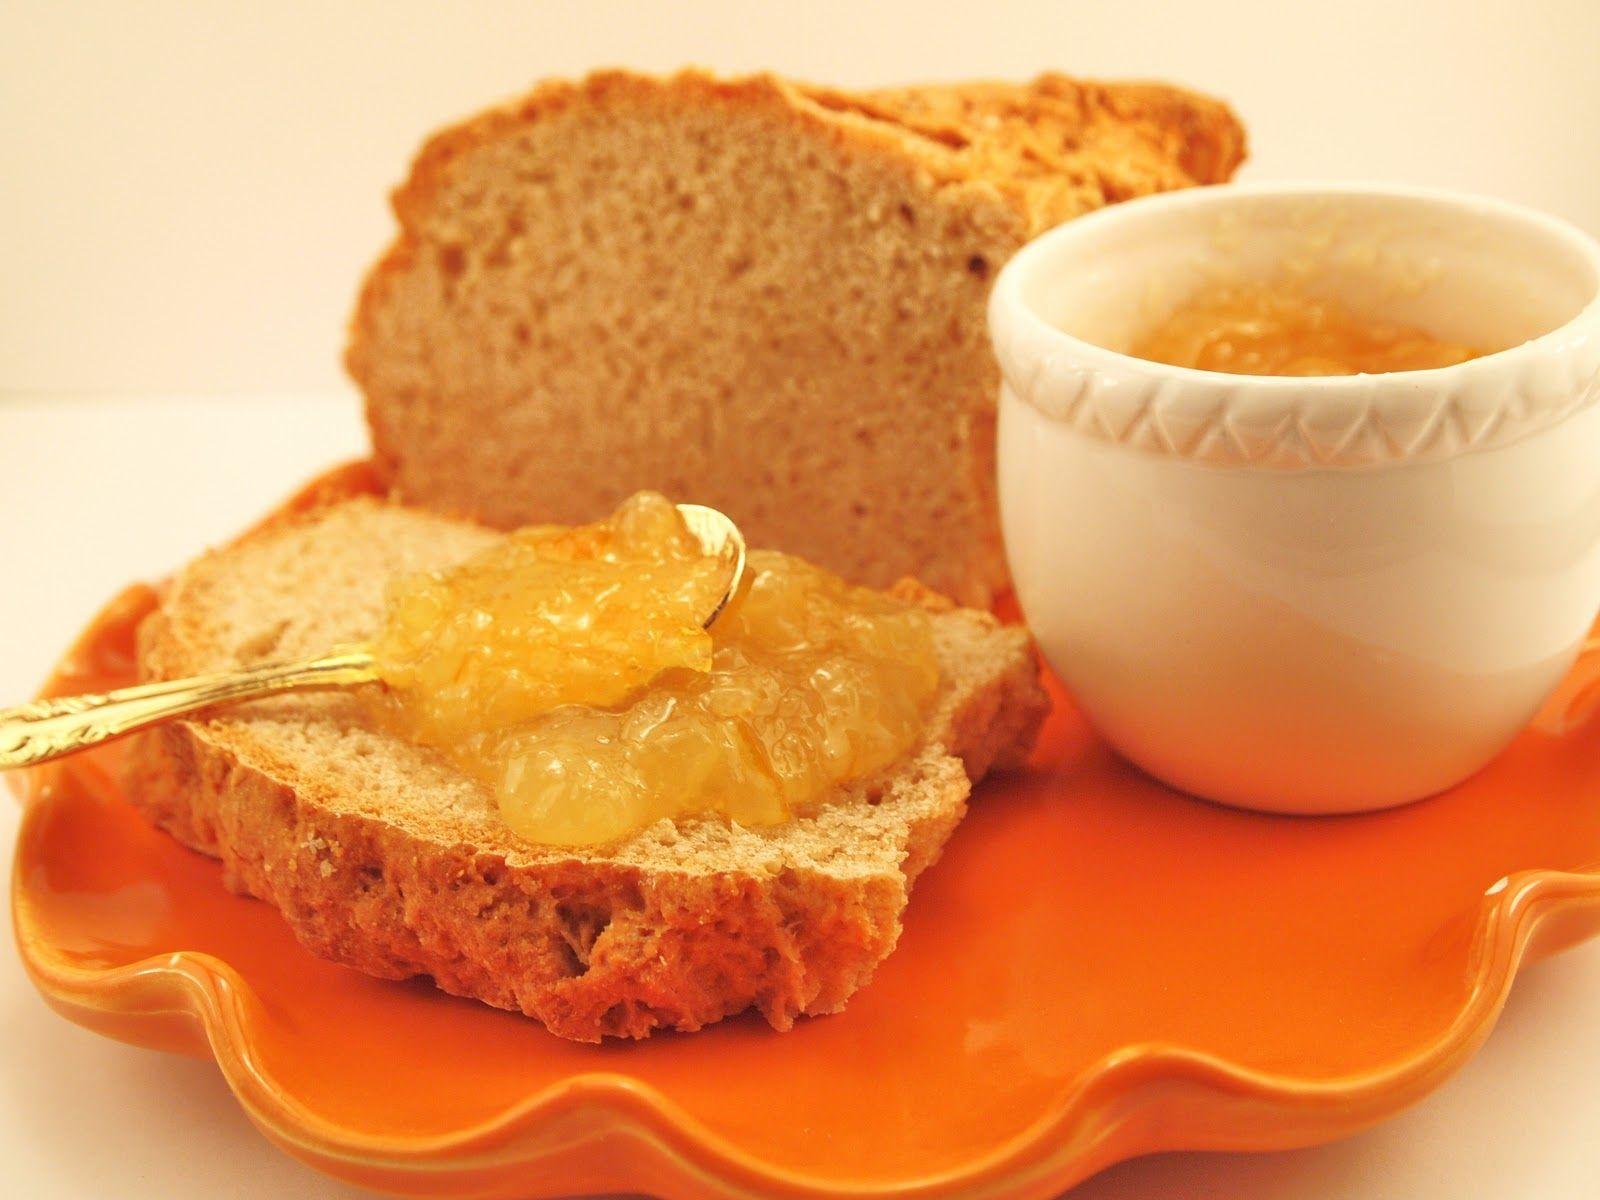 Marmellata di arance: la ricetta